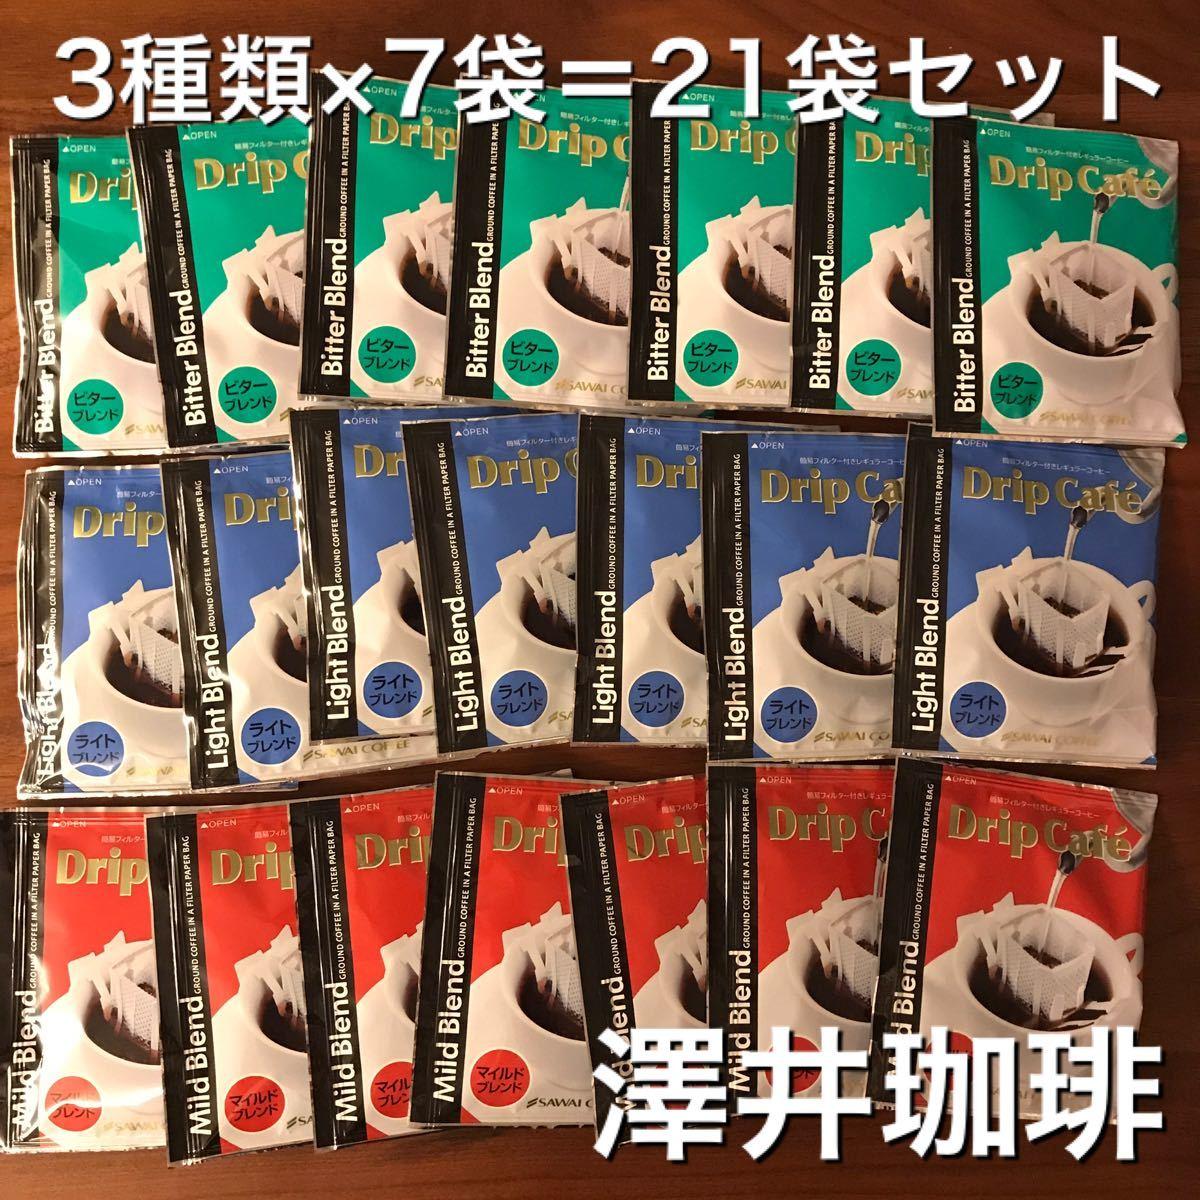 澤井珈琲ドリップバッグコーヒー 3種類×7袋=21袋セット